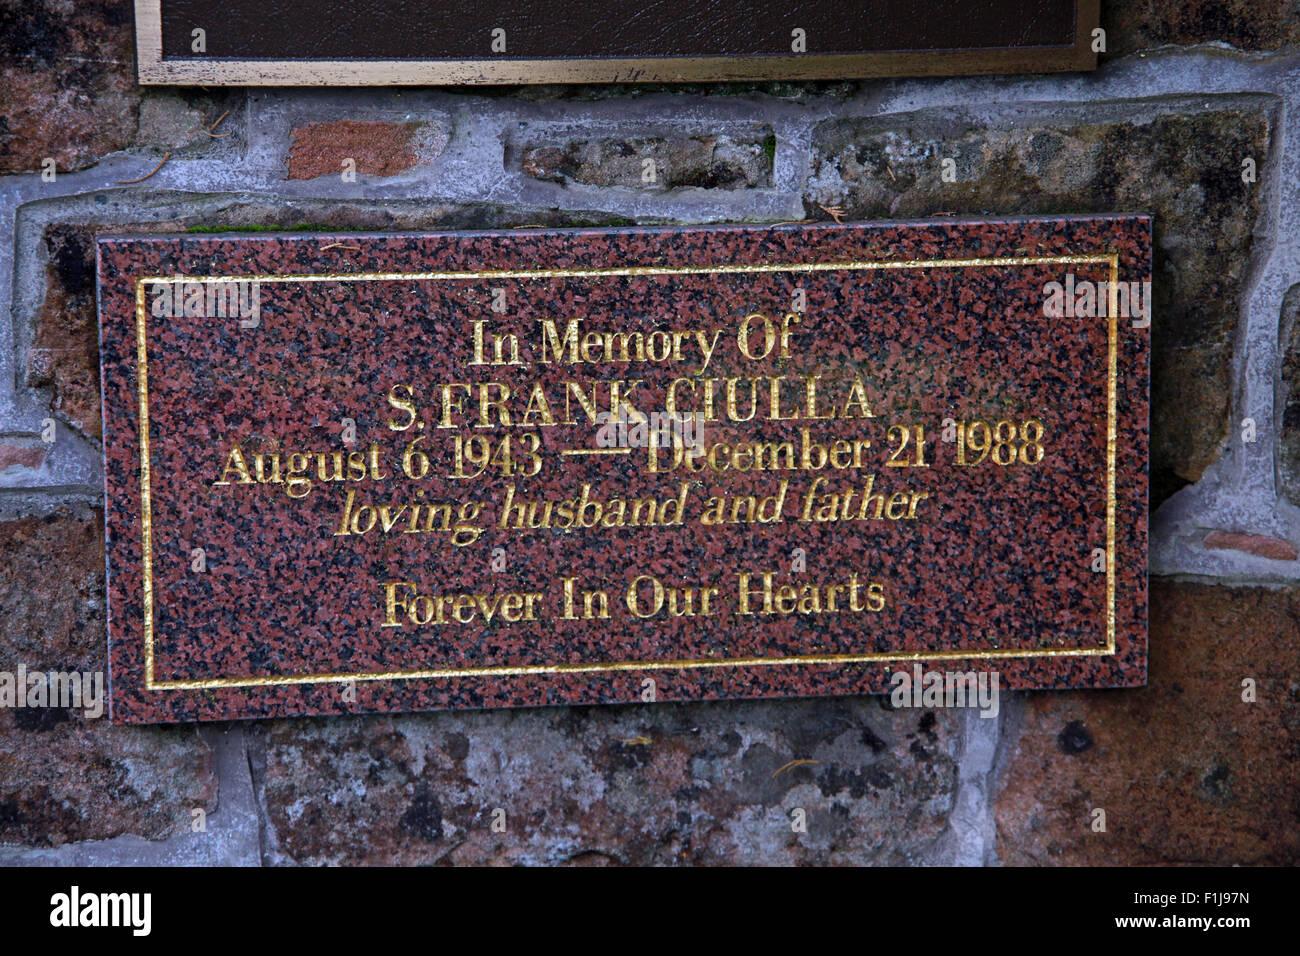 Lockerbie PanAm103 In Rememberance Memorial S.Frank Ciulla,Scotland Stock Photo